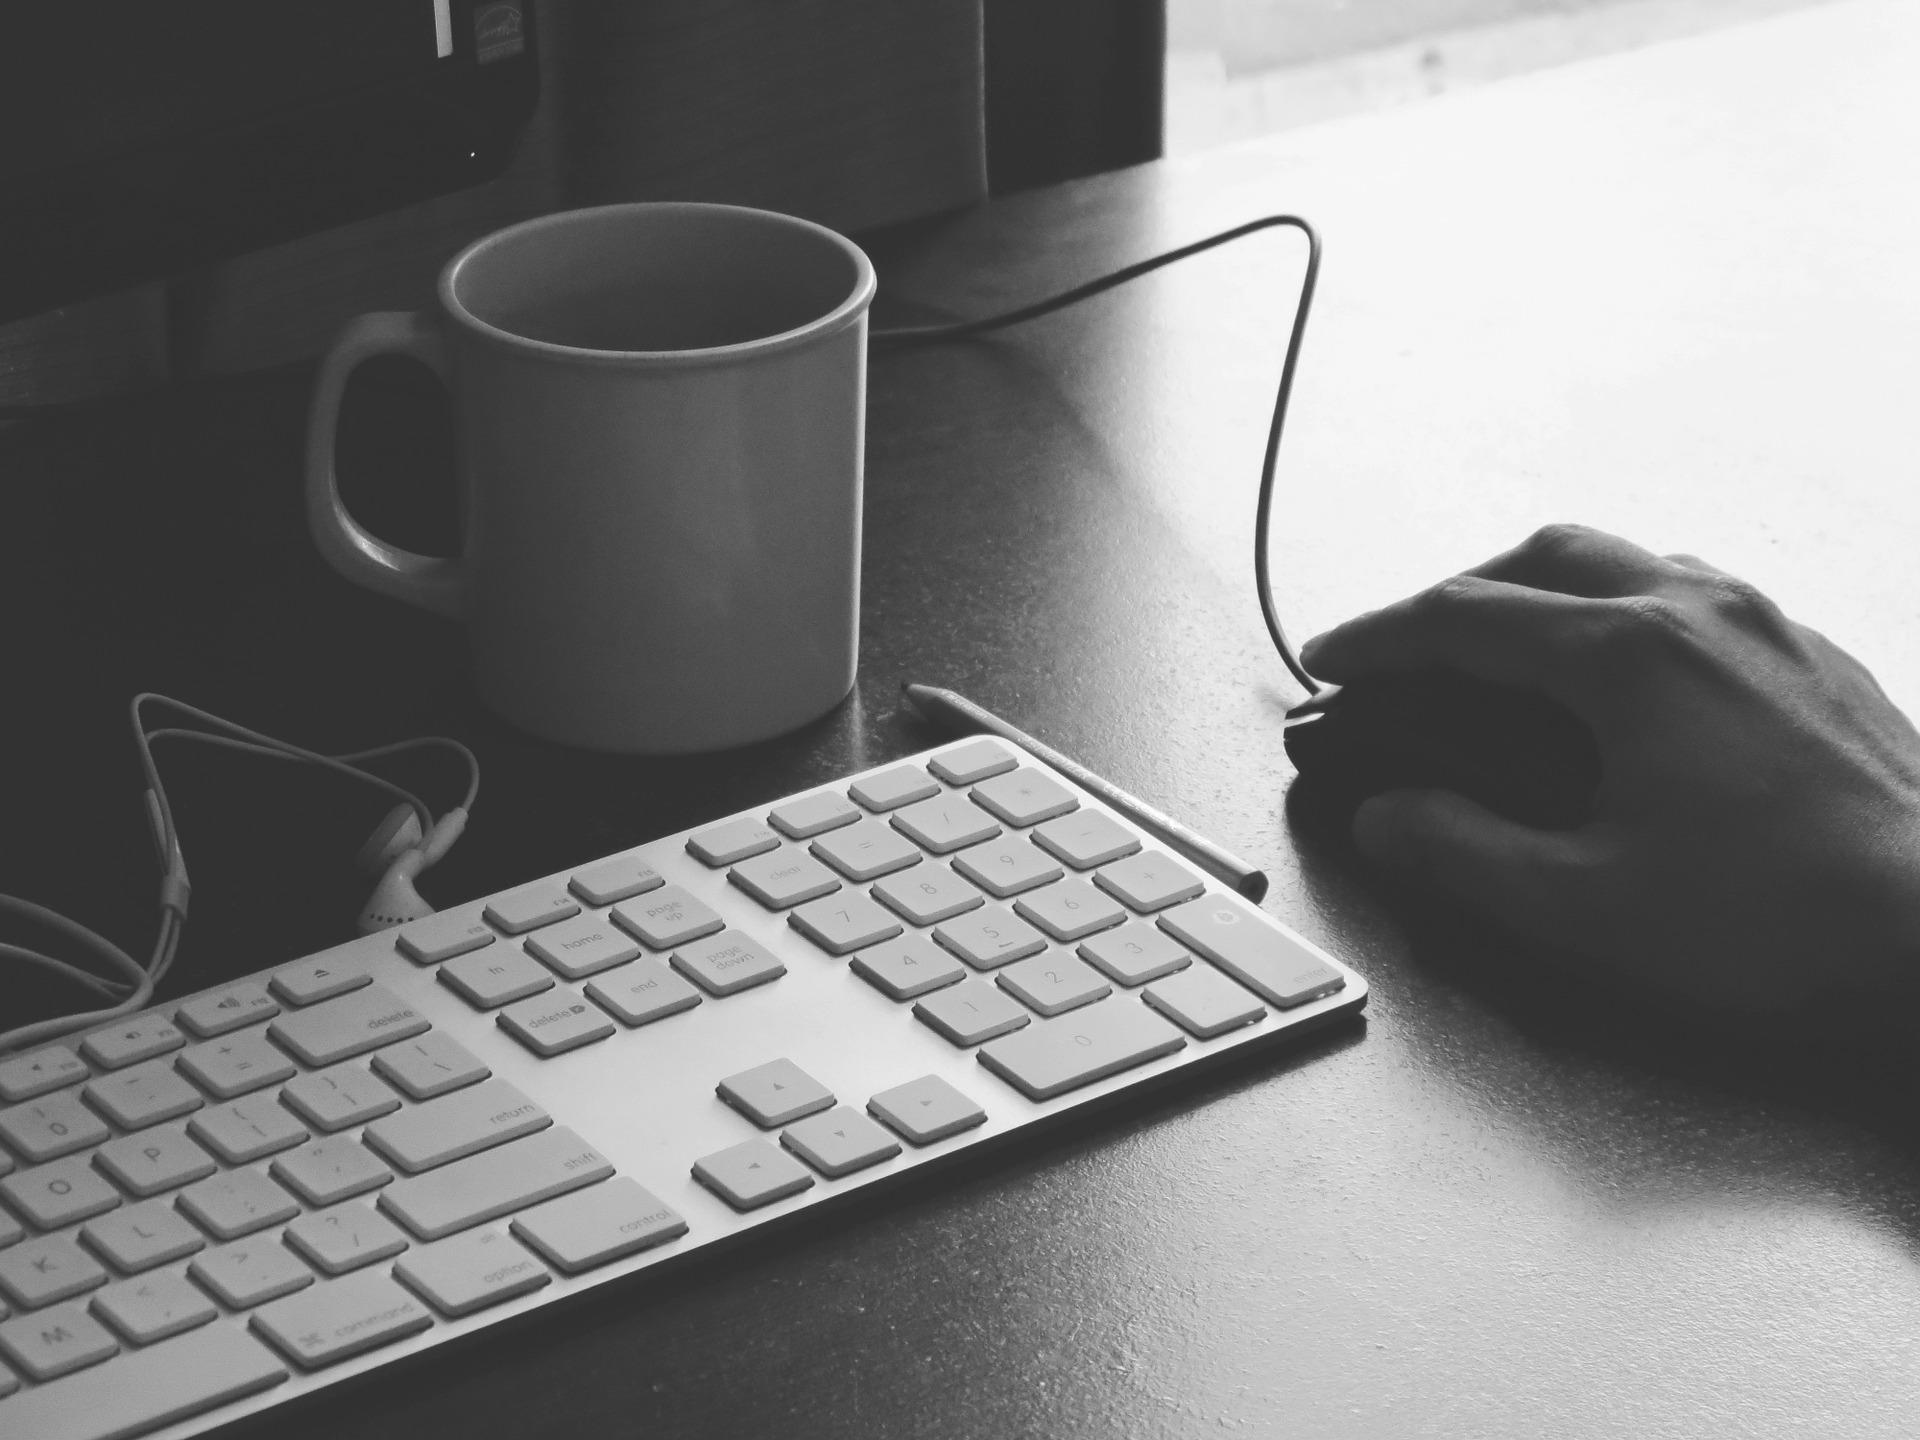 Le blogging peut-il être un métier ?